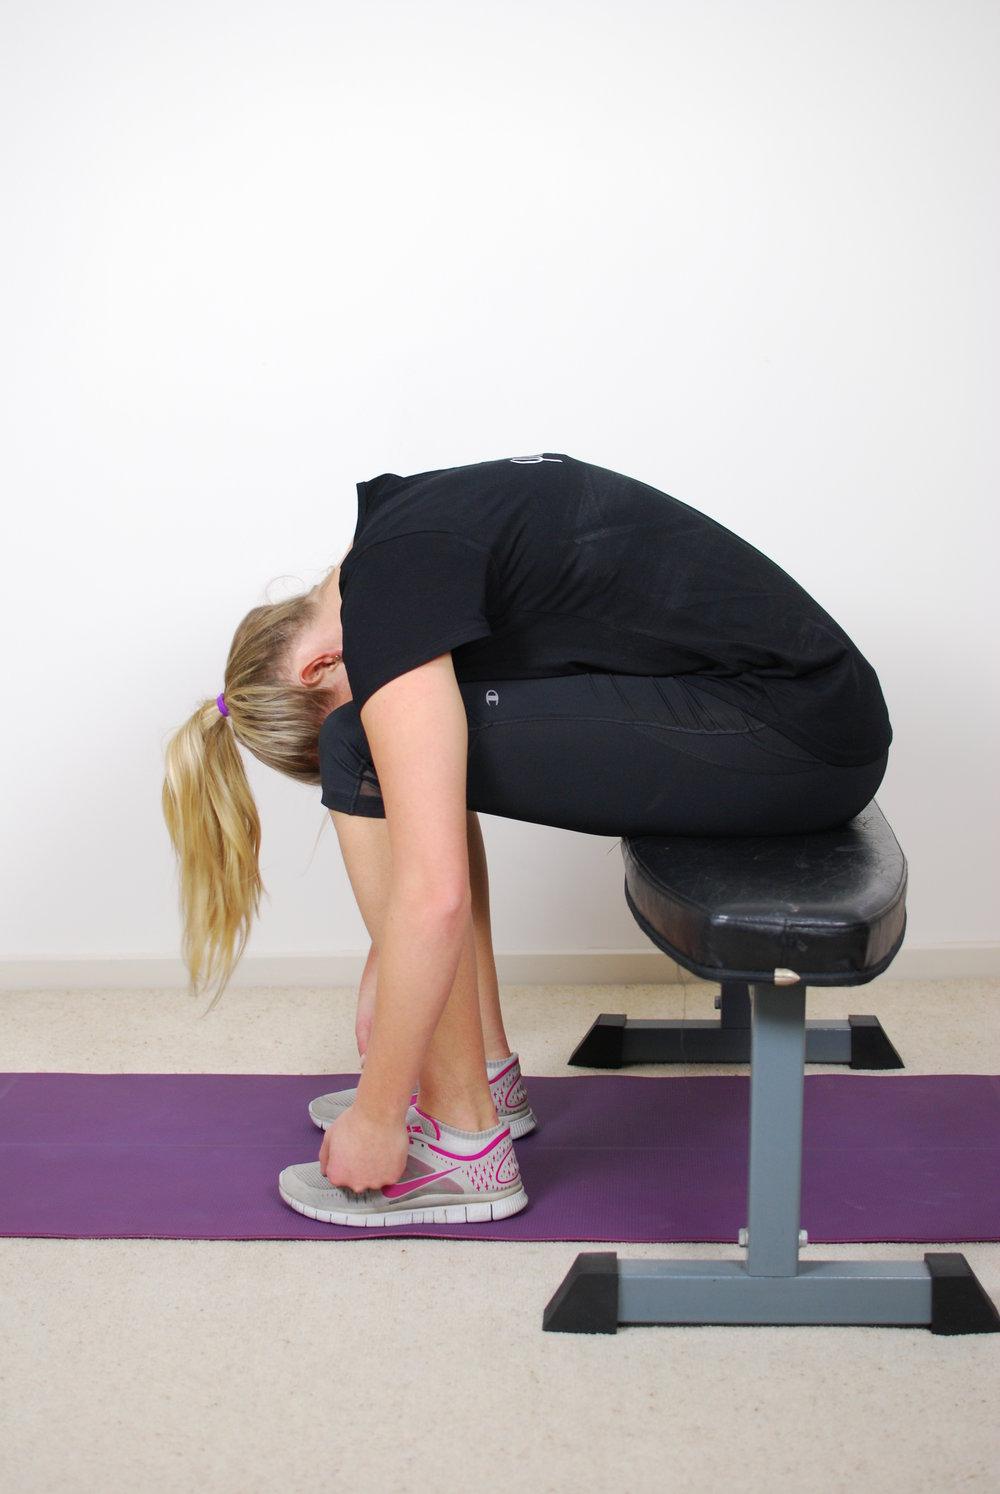 Flexion relaxation response